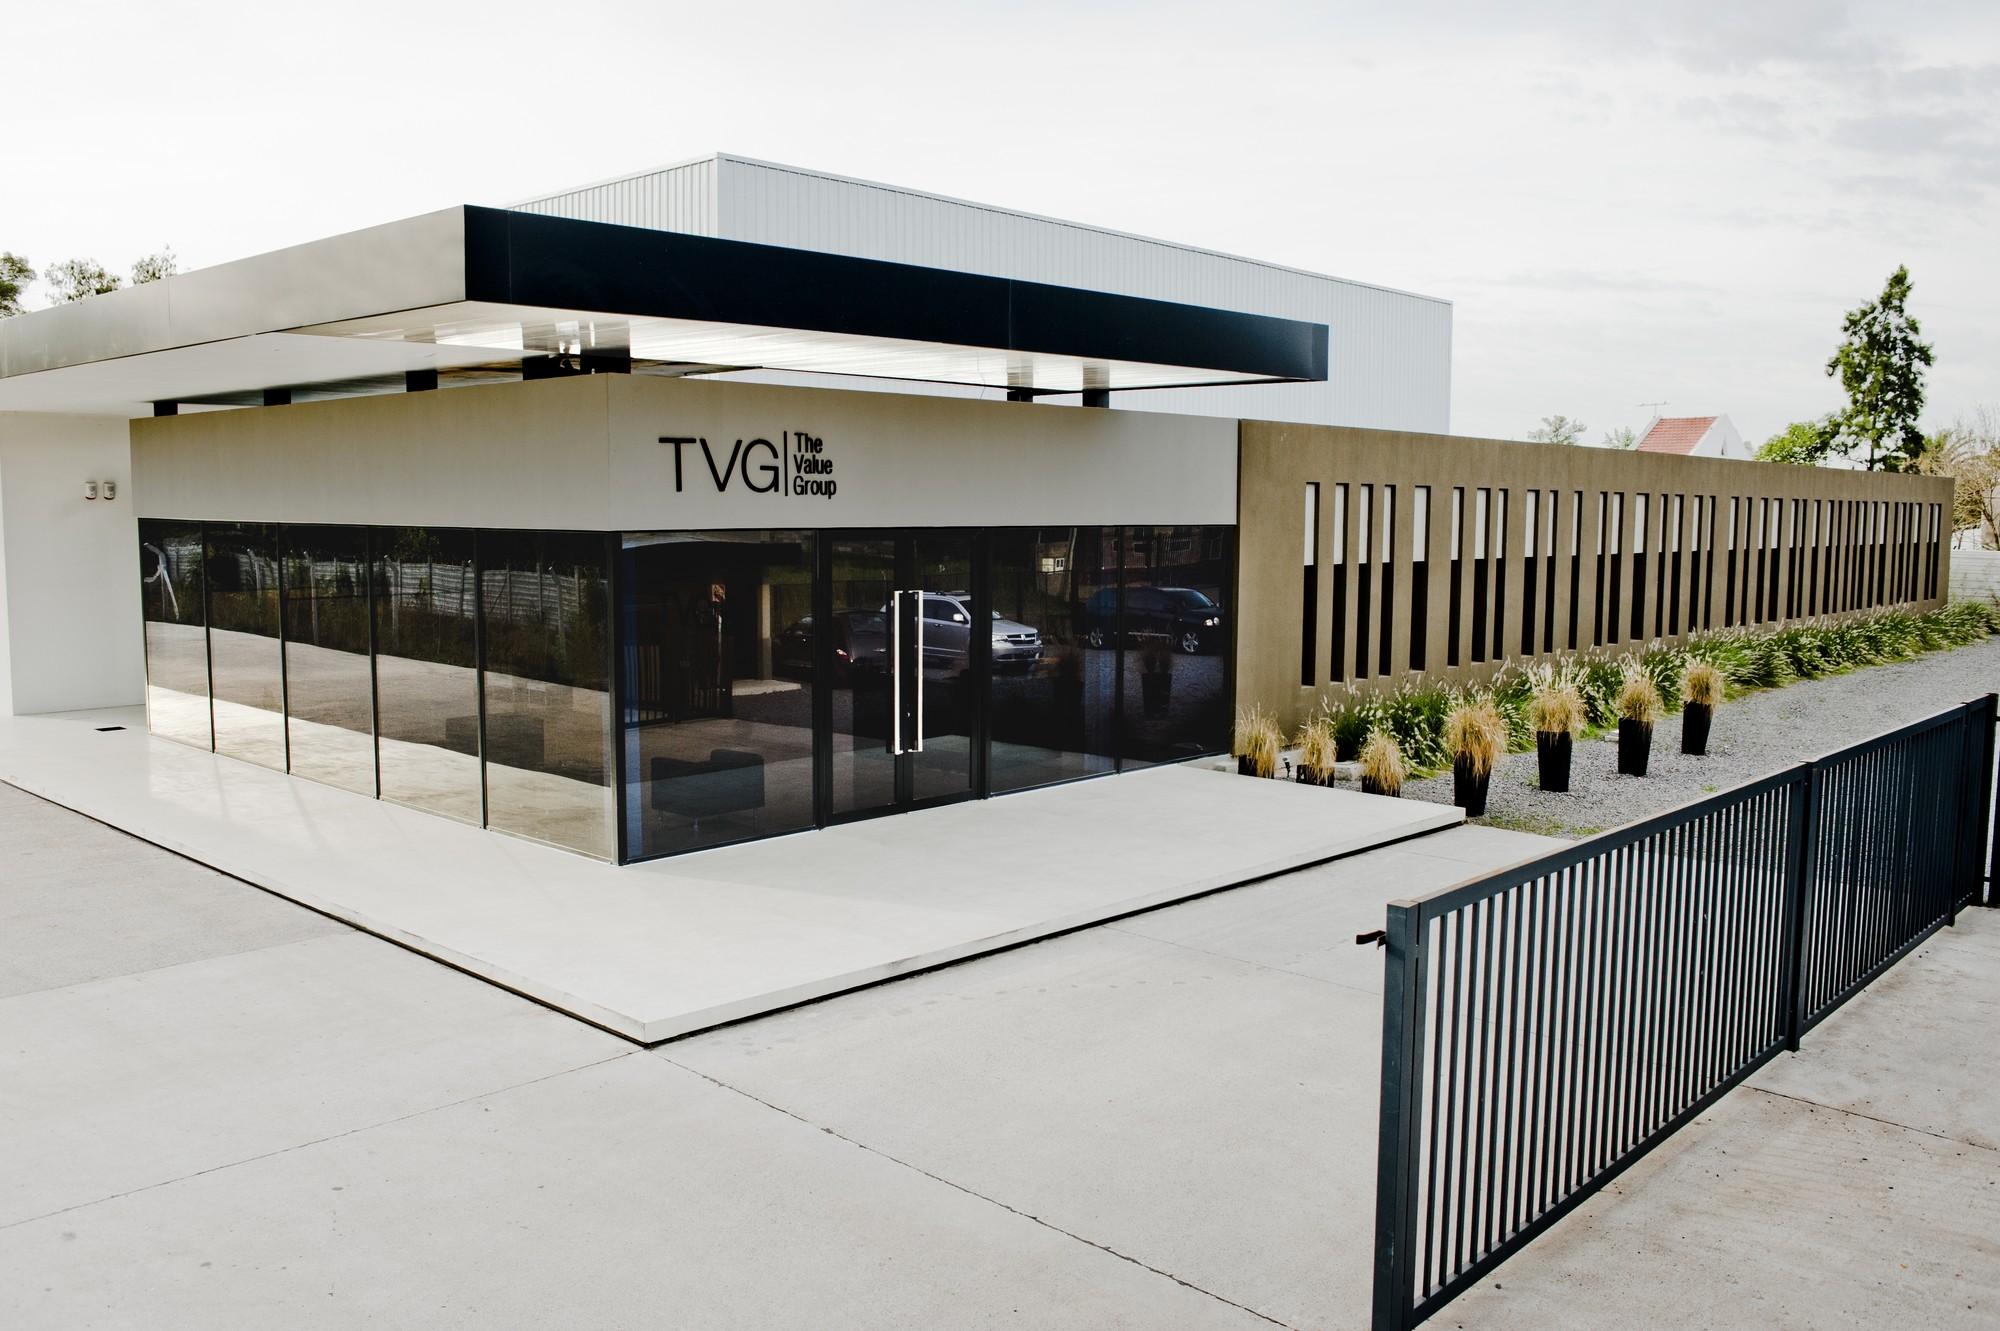 Centro de distribuci n y edificio de oficinas en tigre for Arquitectura de oficinas